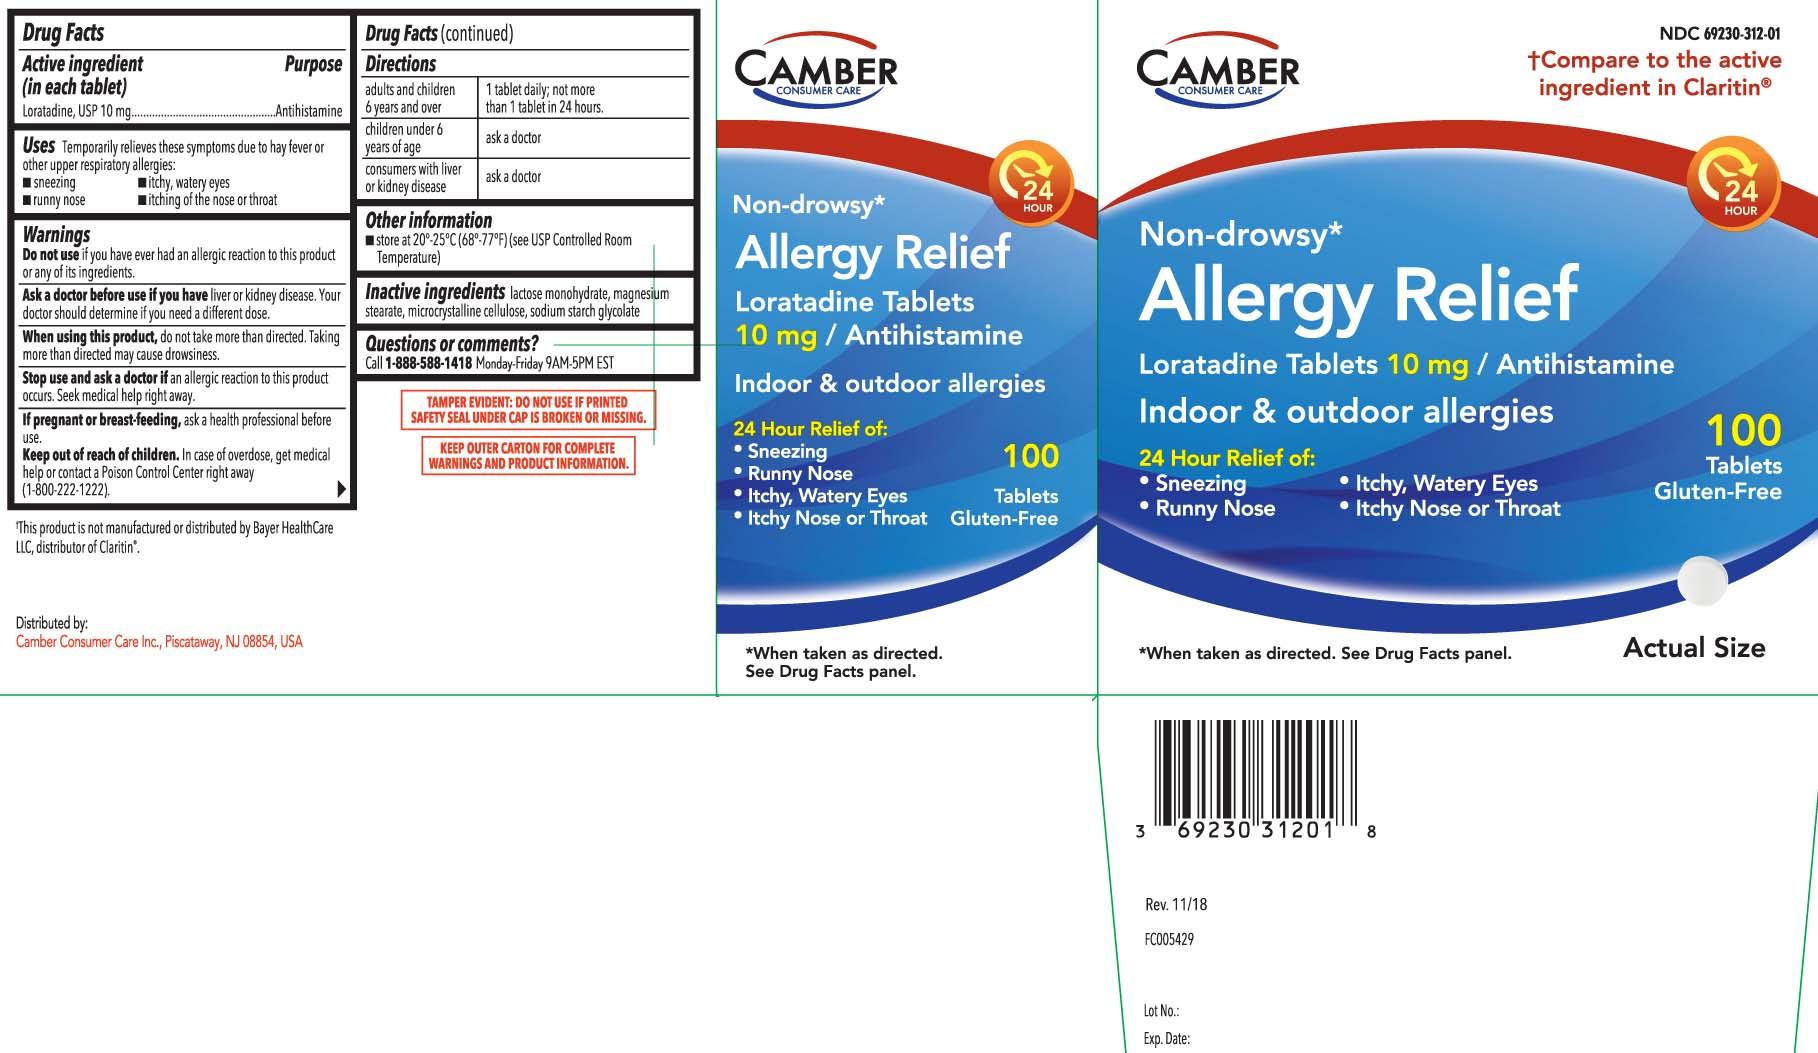 NDC 69230-312 Allergy Relief Non Drowsy Loratadine